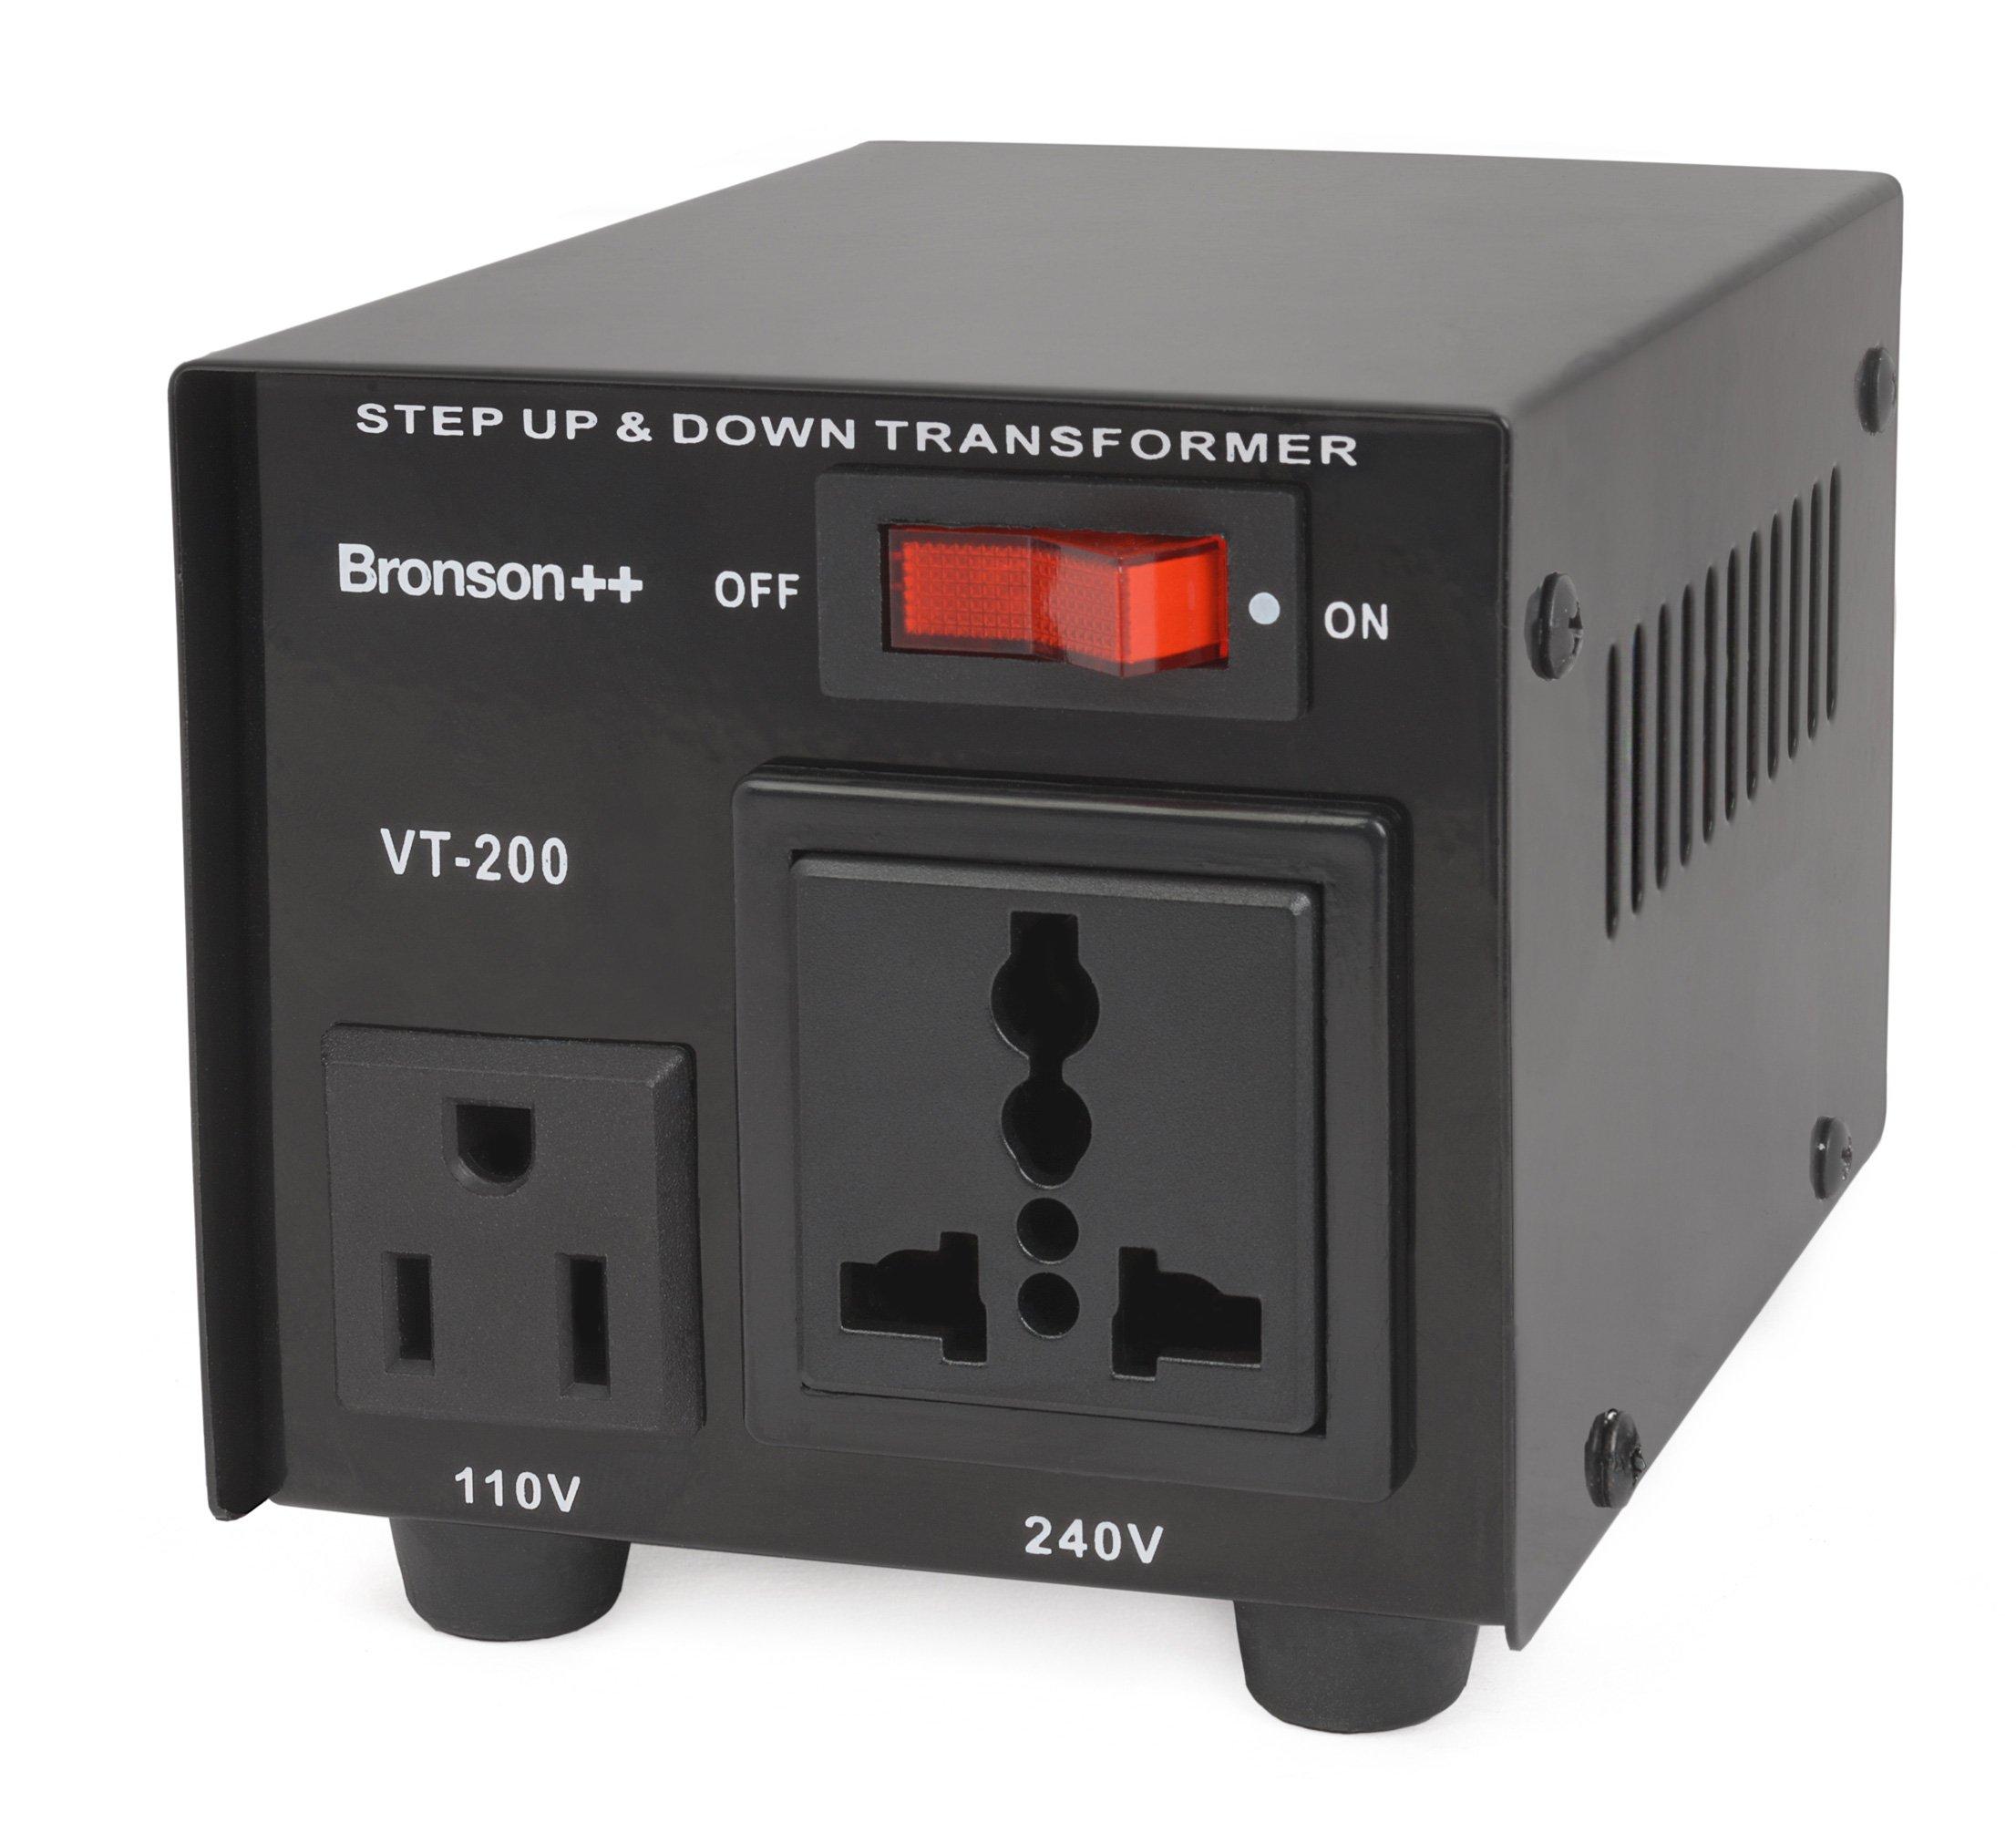 Bronson++ VT 200 - Transformador Elevador / Reductor de Voltaje de 200 Vatios EE.UU